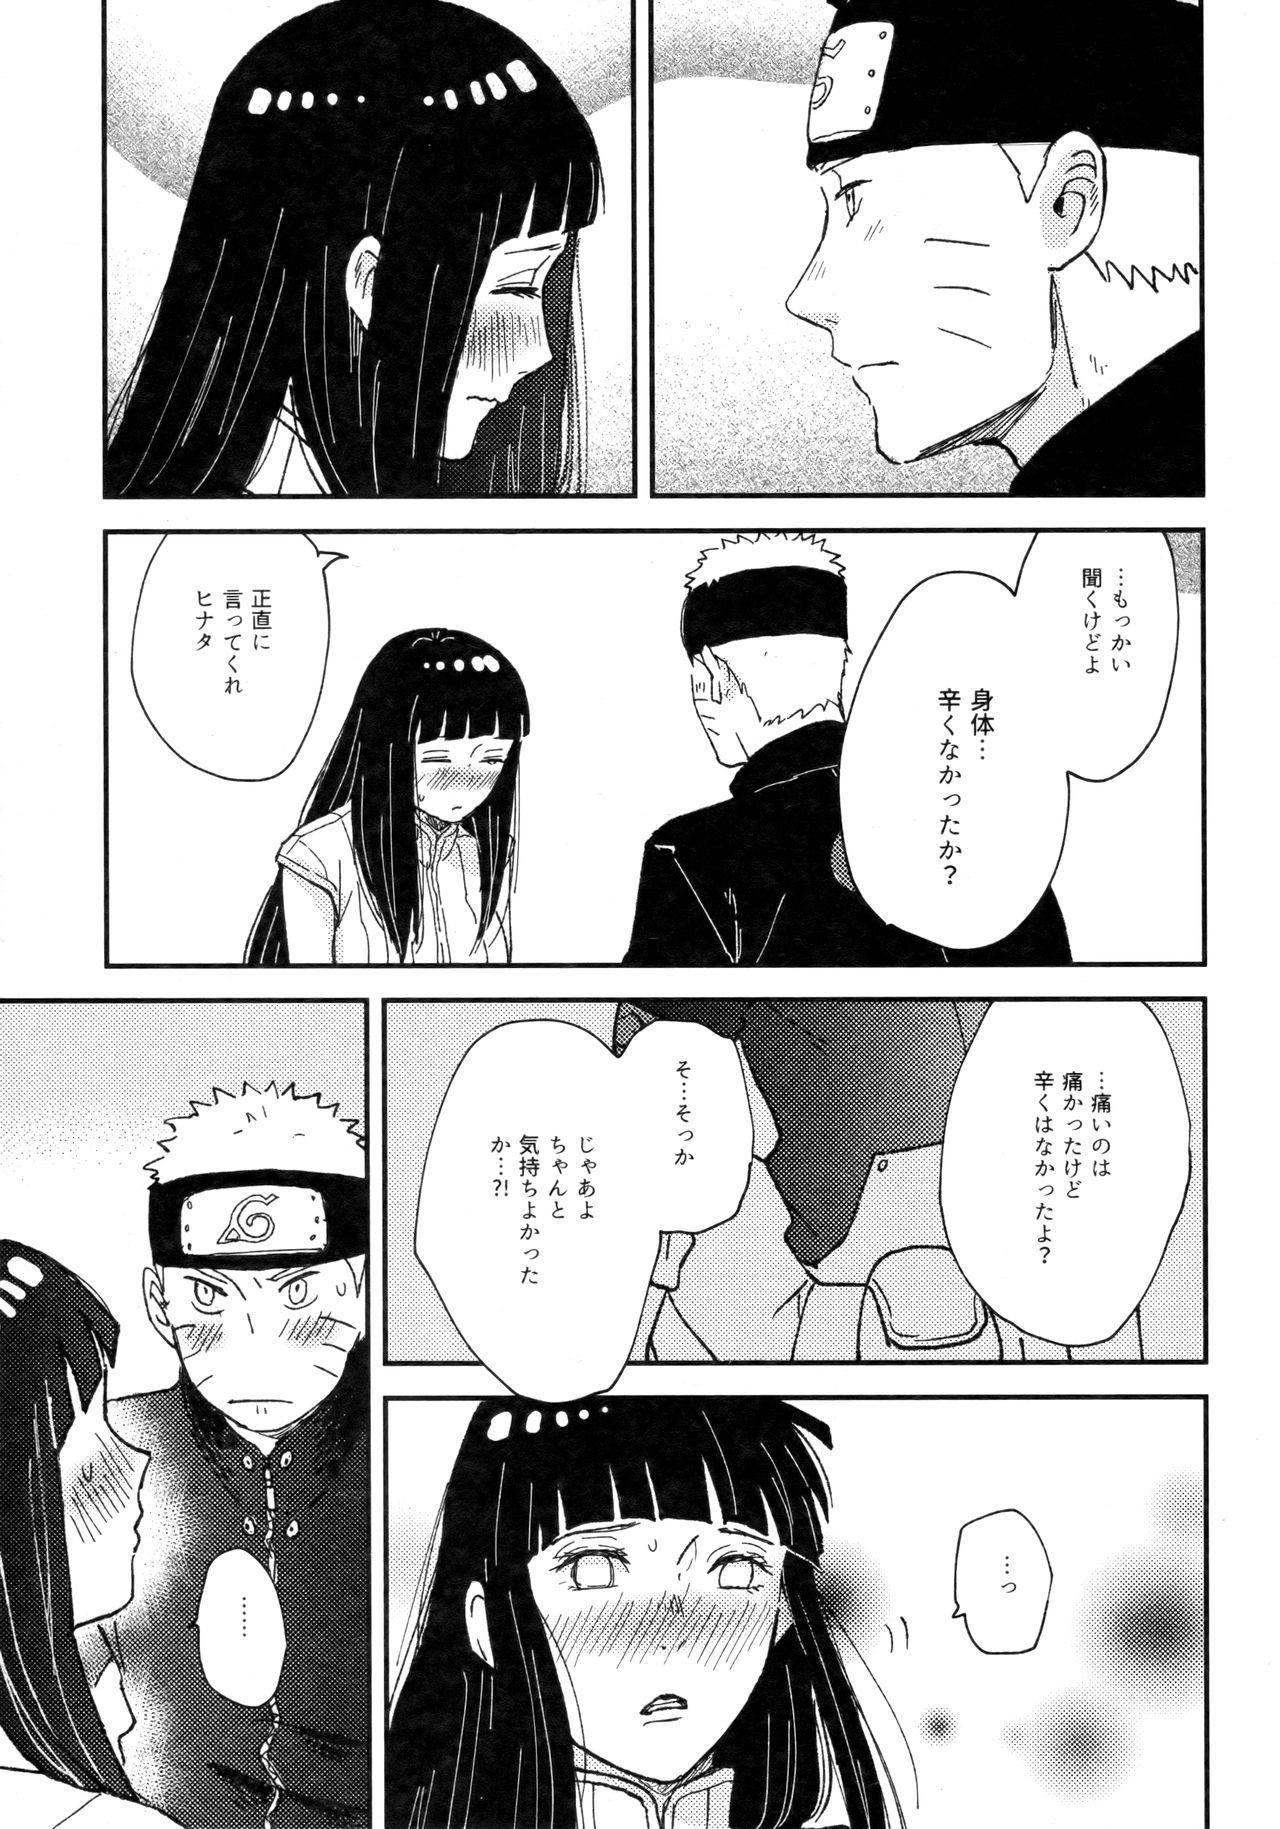 Koiwo Shiteiru Karada 3 13